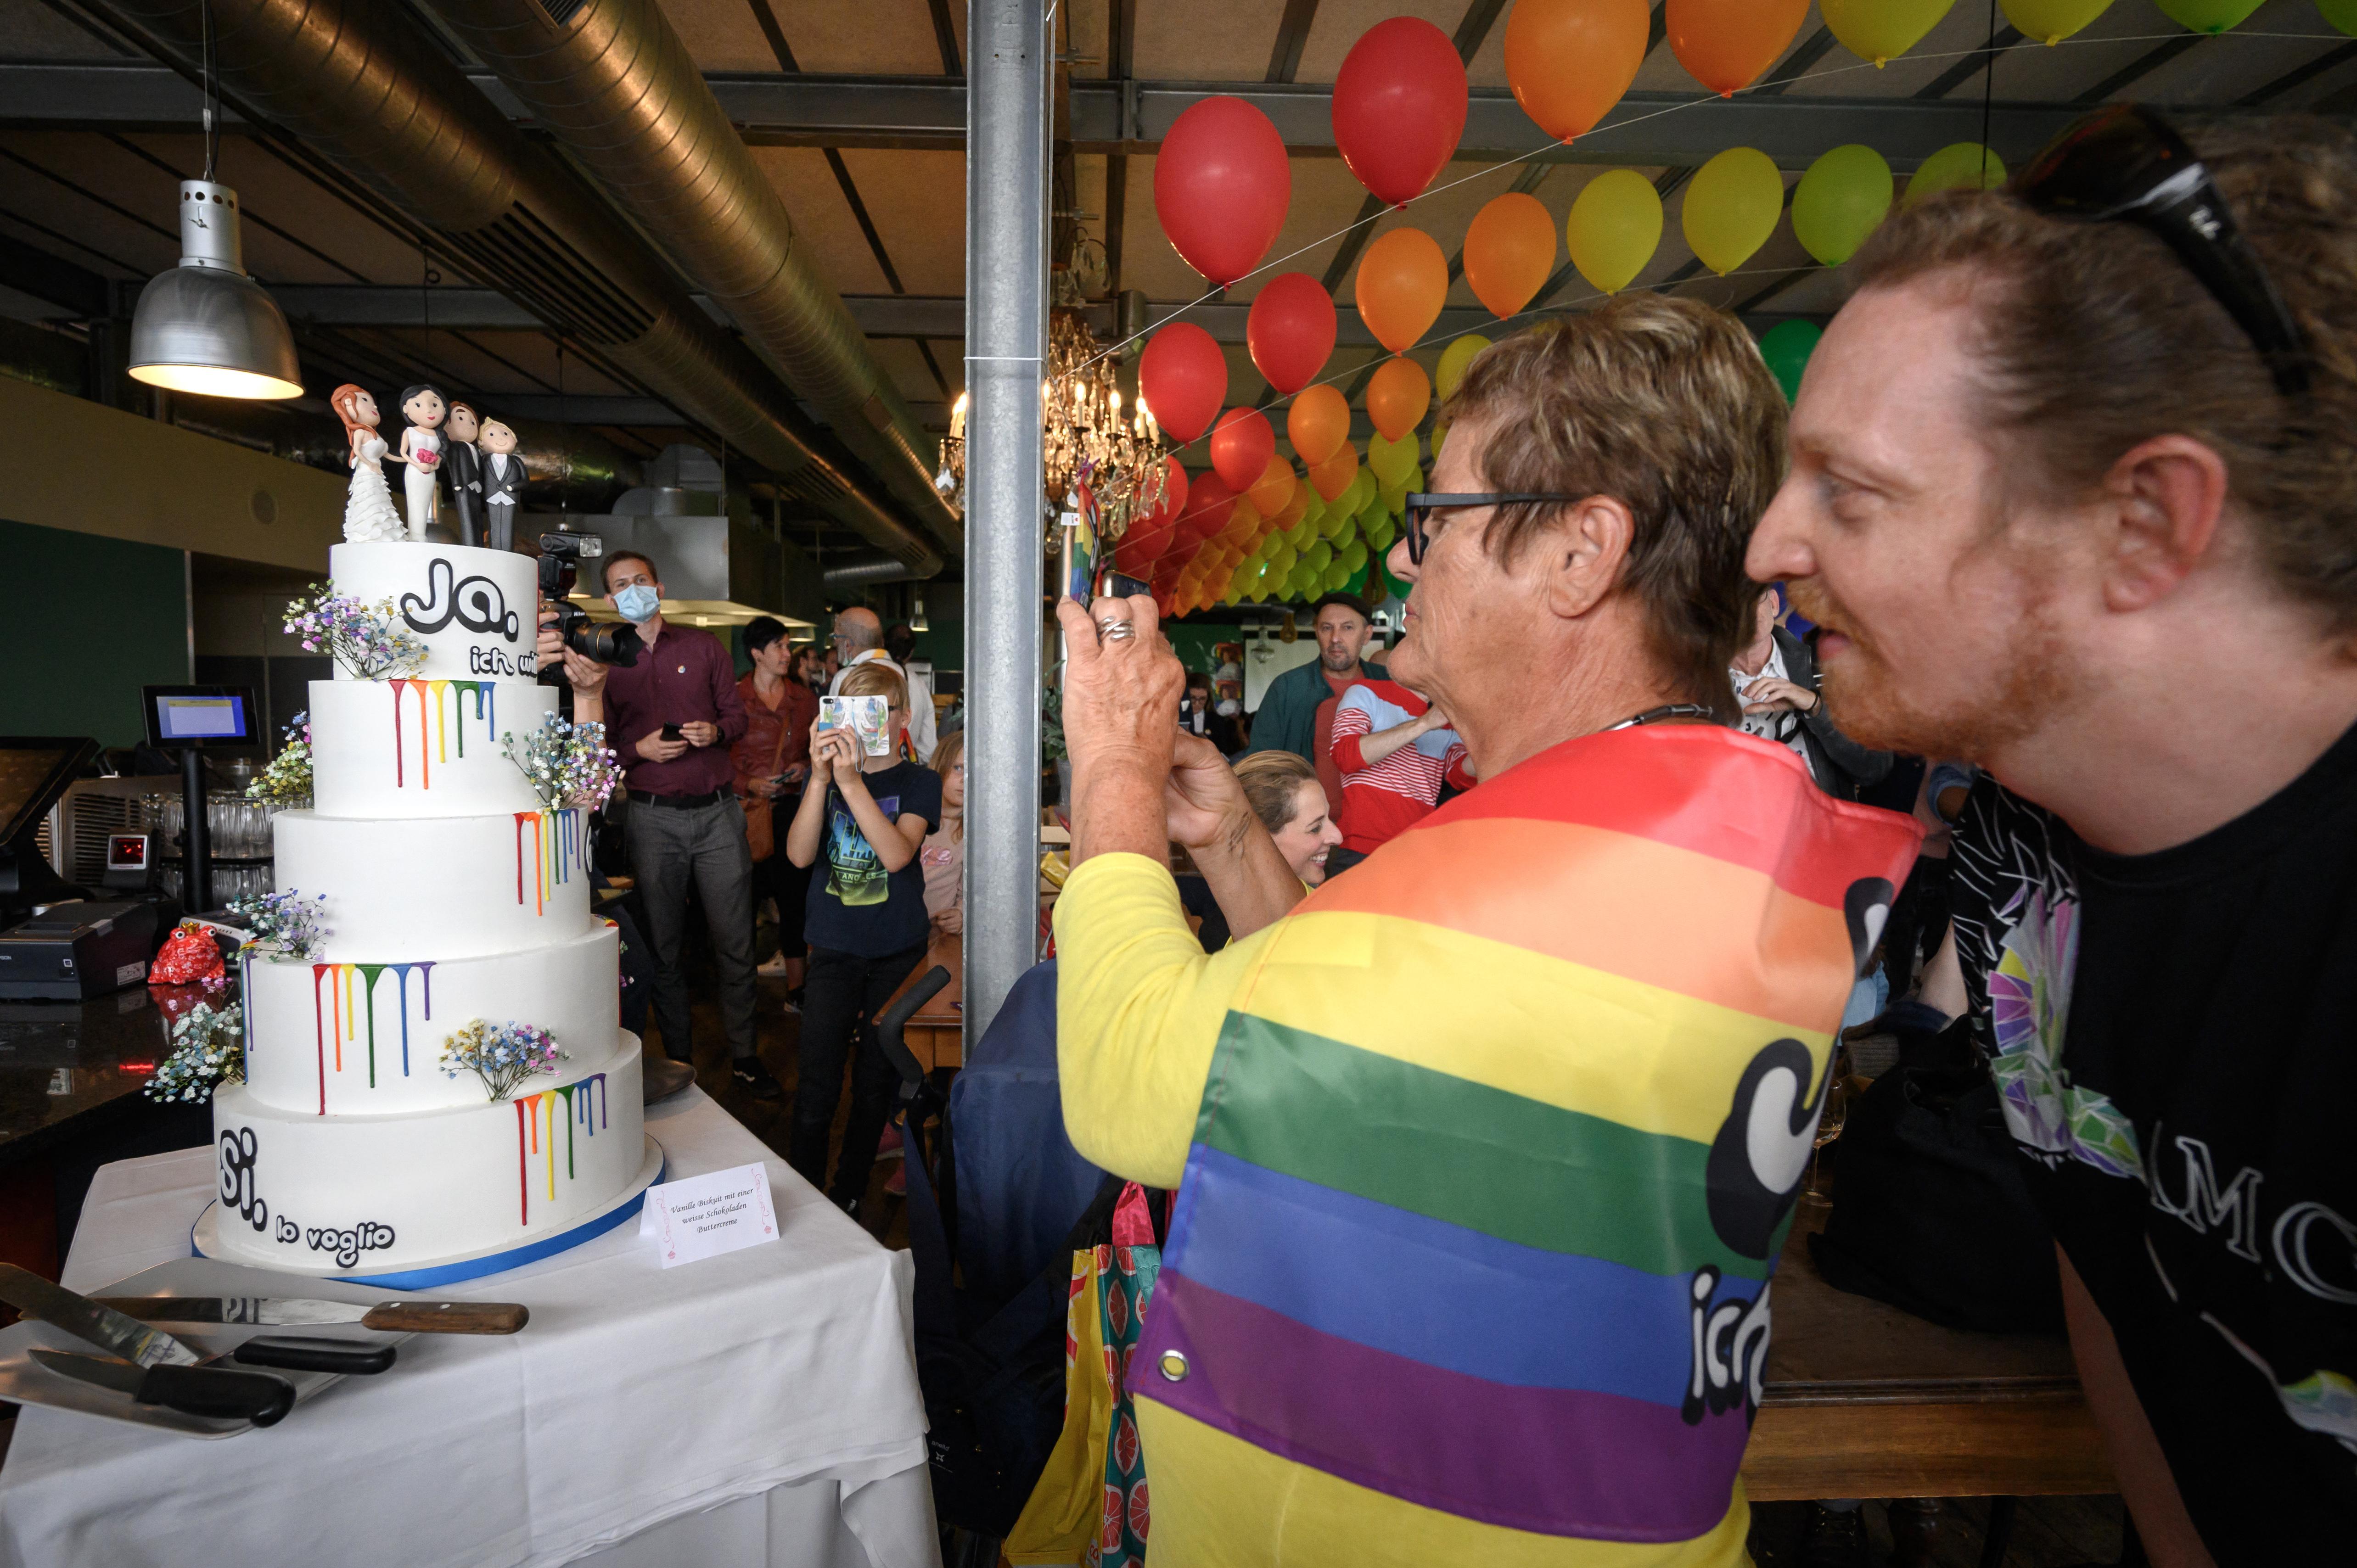 Megszavazták a melegházasság engedélyezését a svájciak